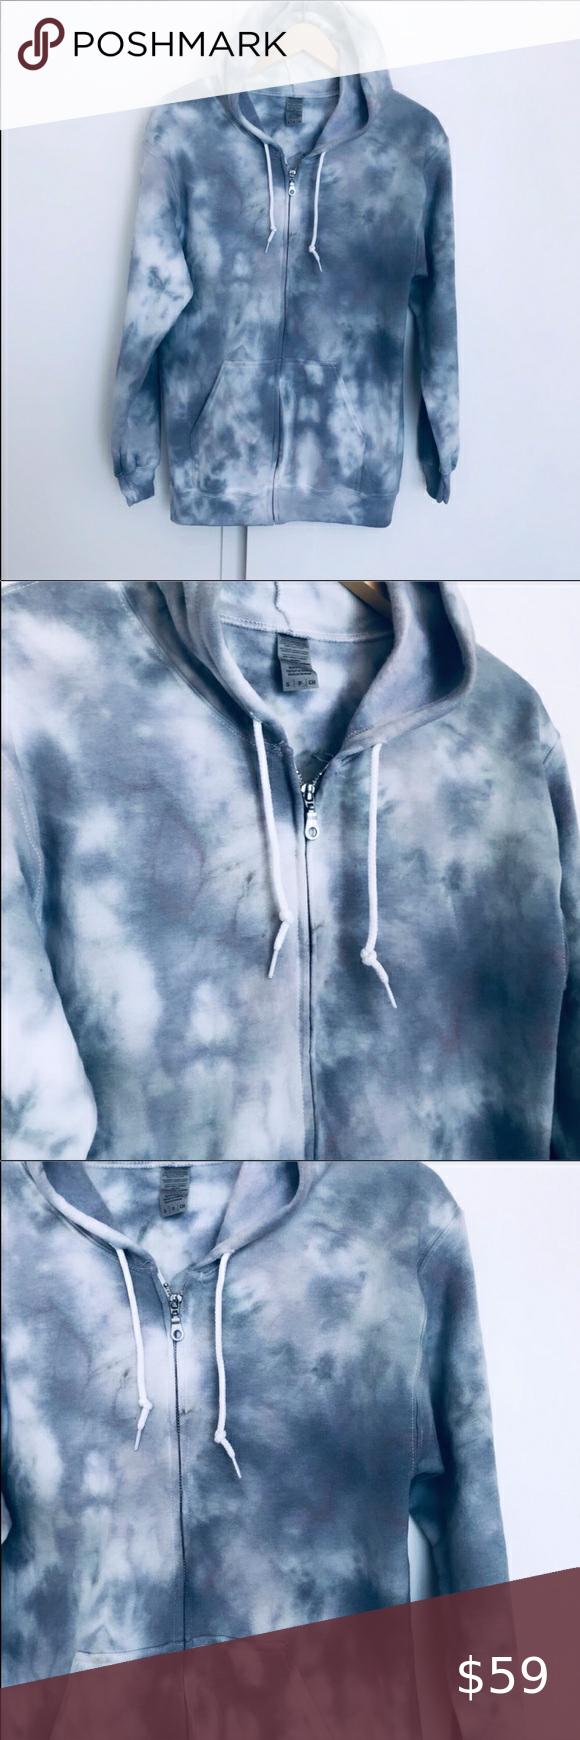 Tie Dye shades of Gray NEW zip Hoodie Size S Tie D